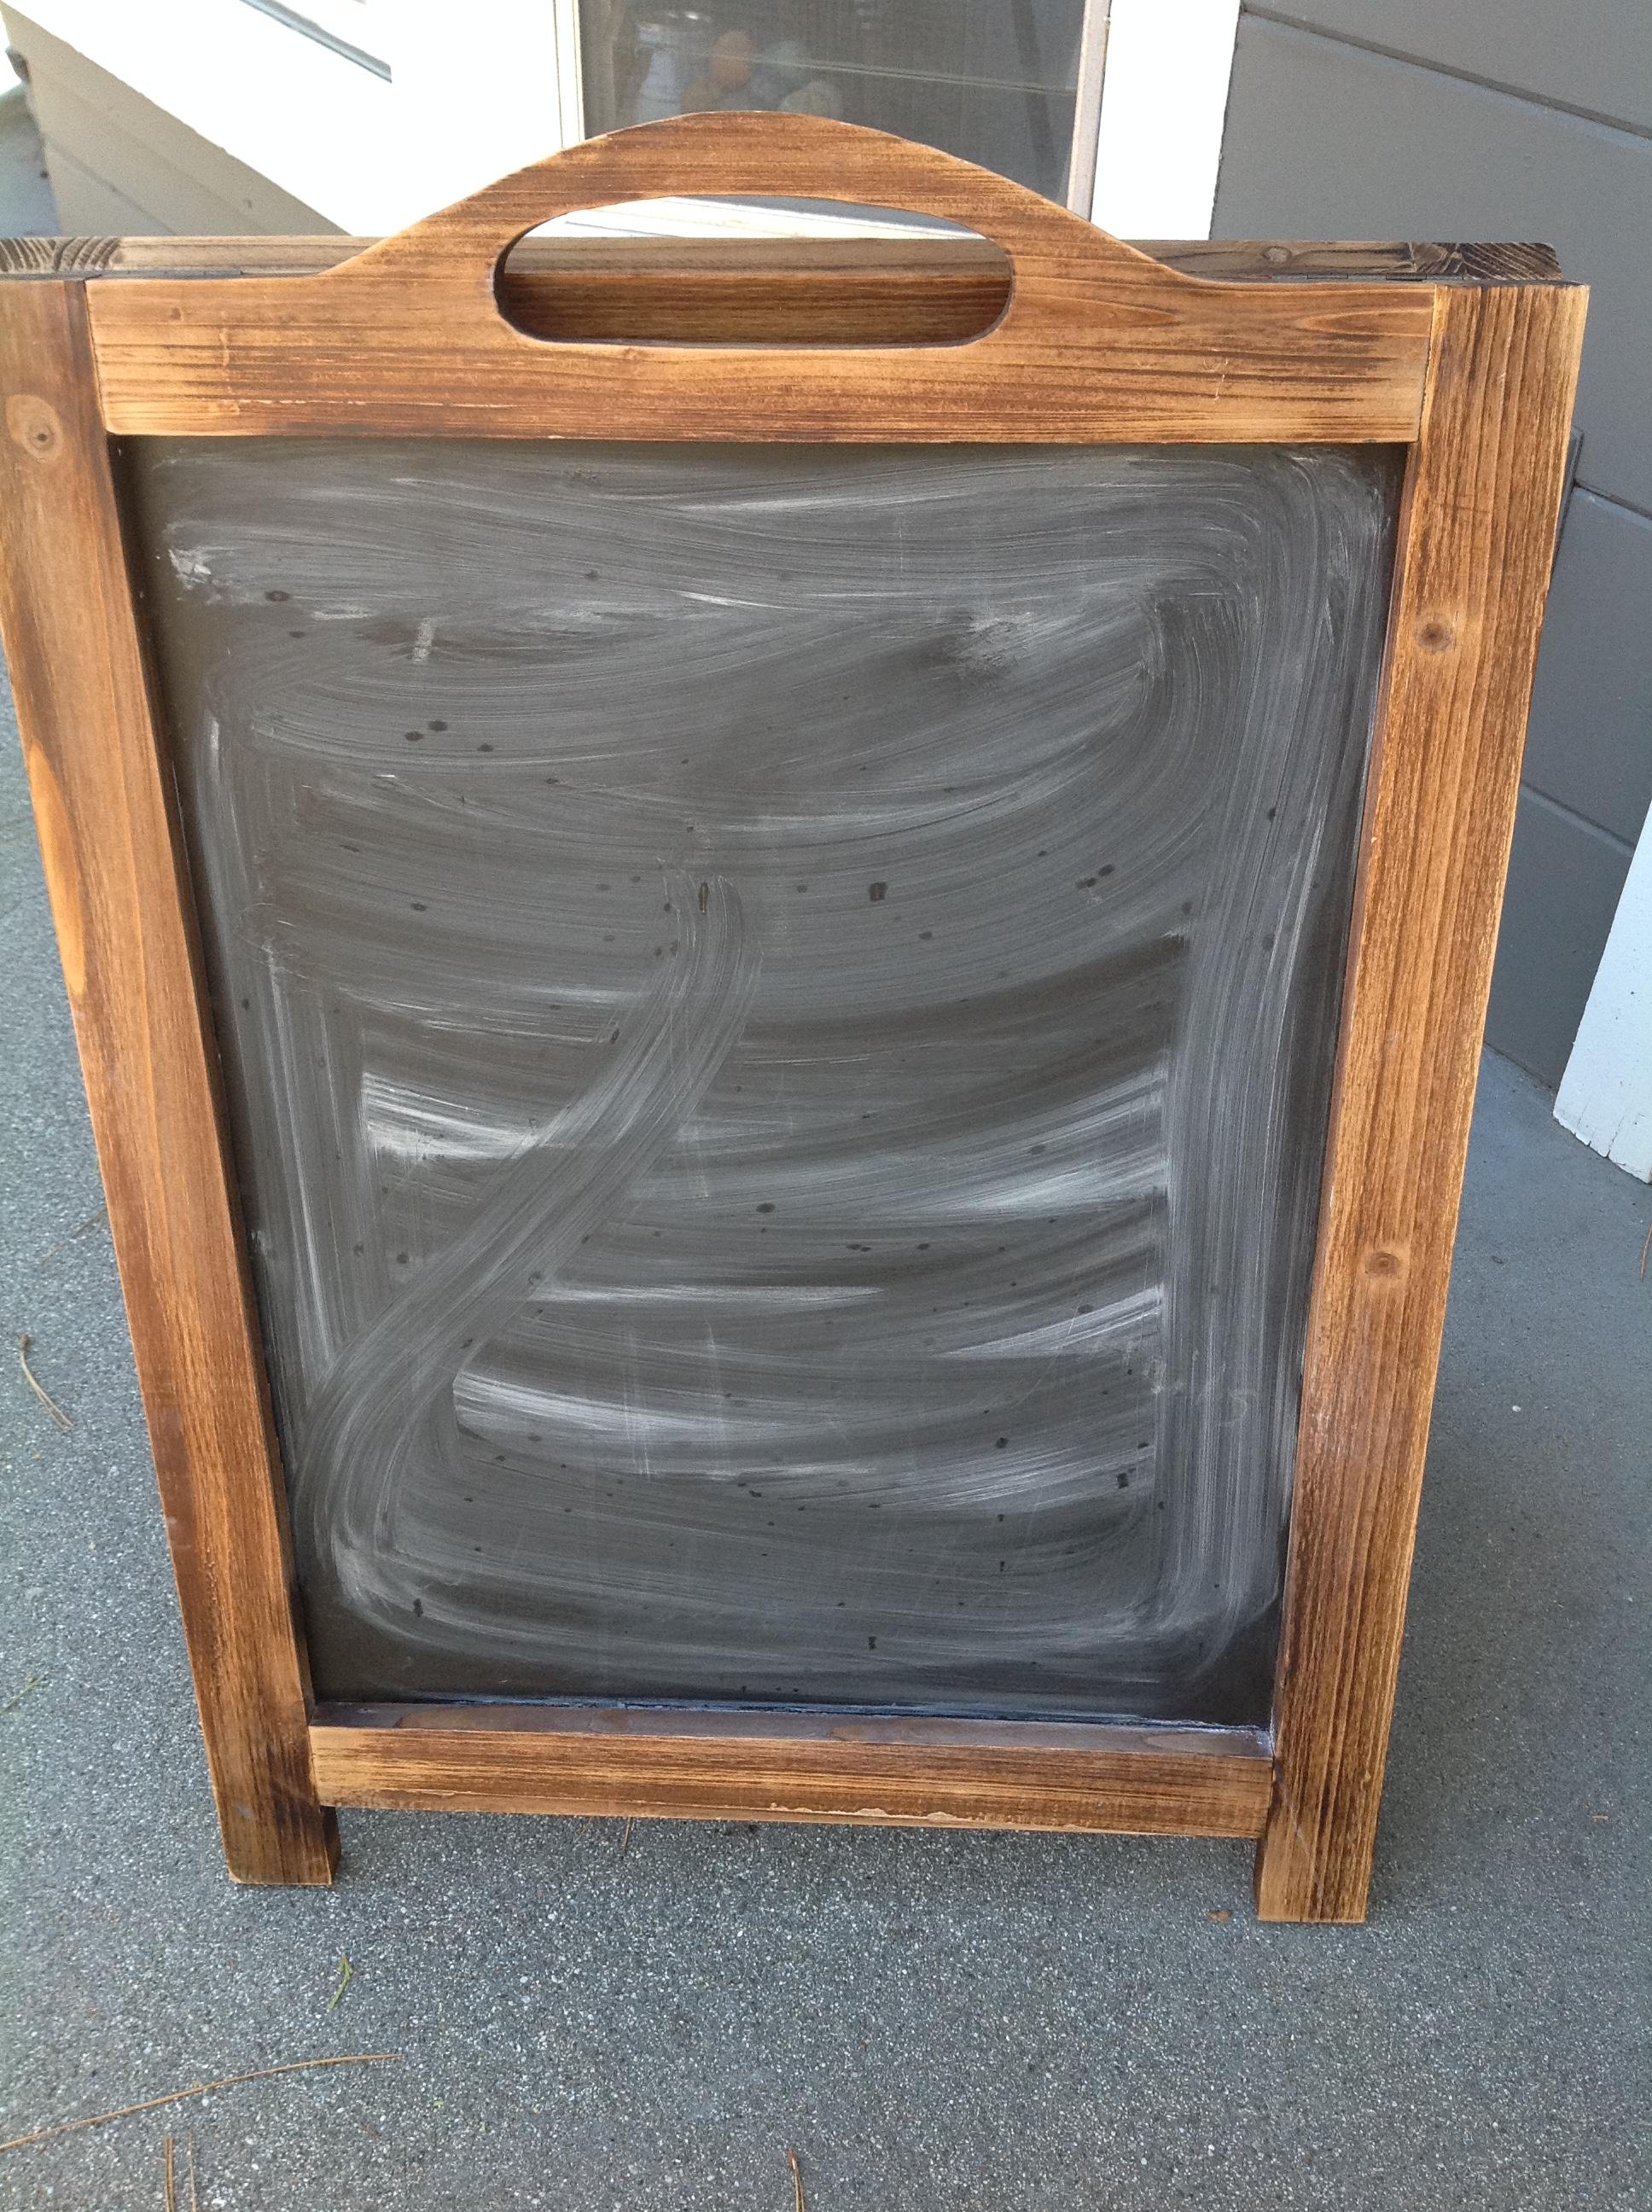 Camille-s Original Chalkboard Sandwich board.jpg